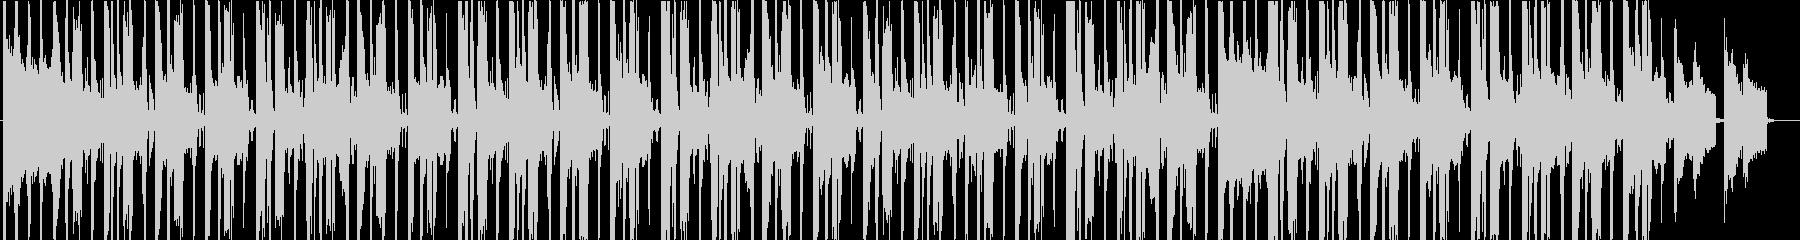 シンセとブレイクビーツのBoomBapの未再生の波形